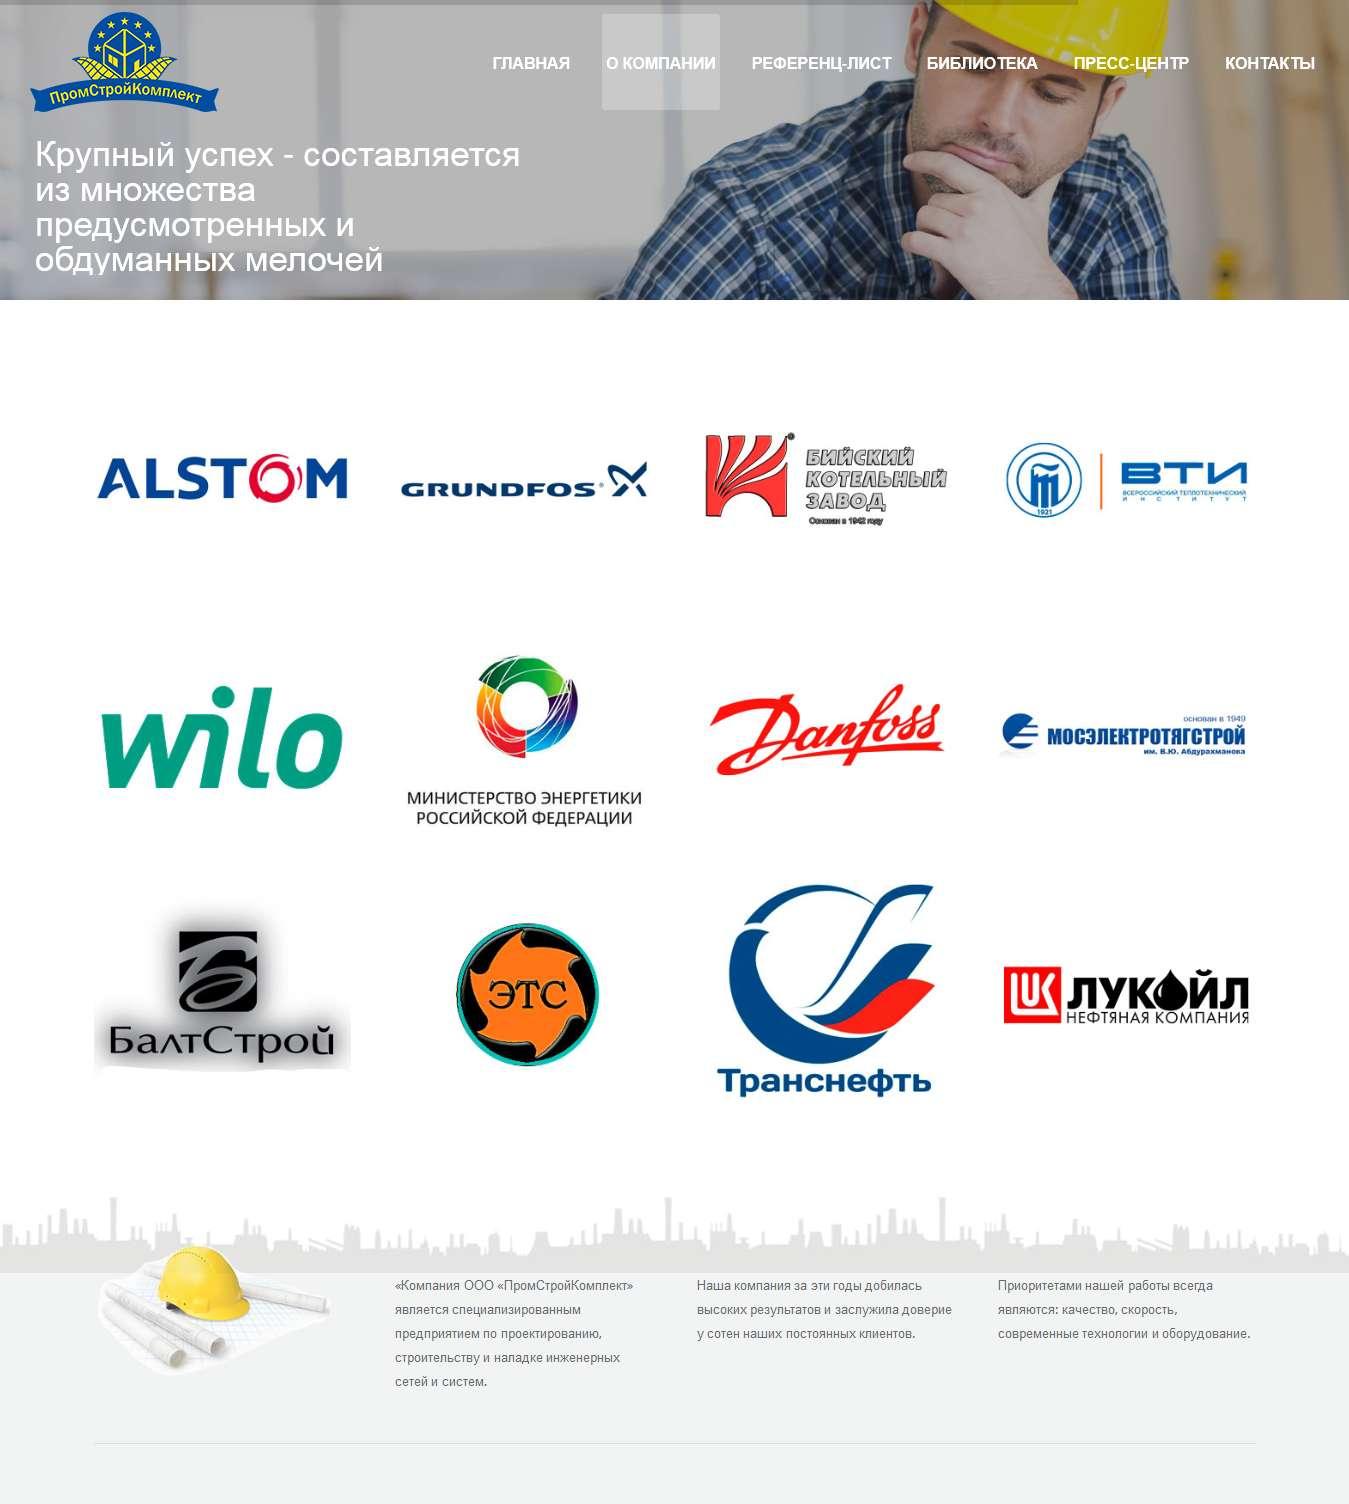 Пример сайта визитки - проектирование и строительство - список партнёров